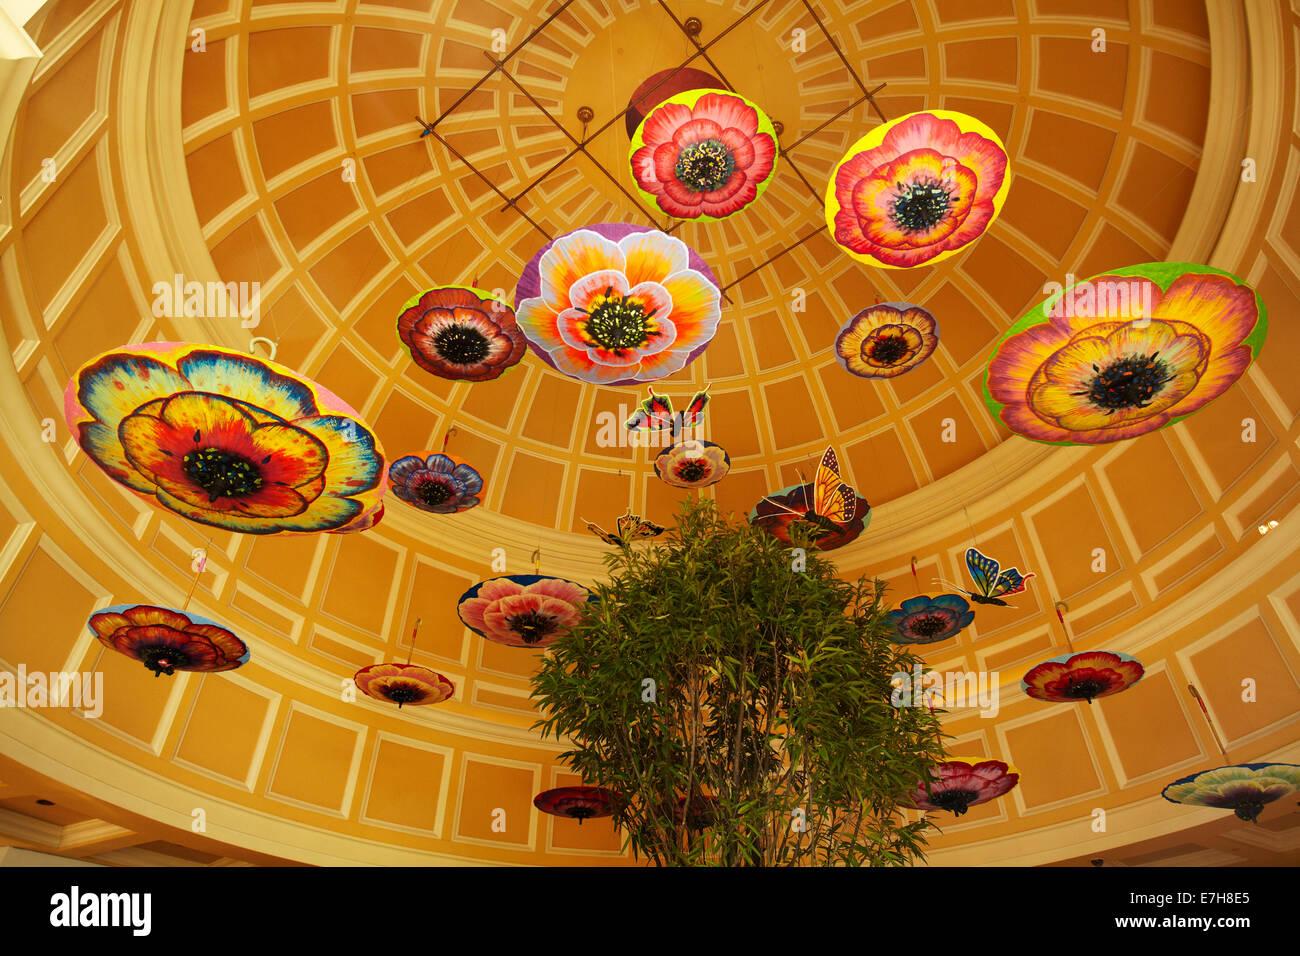 Sonnenschirme im Atrium, Bellagio, Las Vegas, Nevada, USA Stockbild